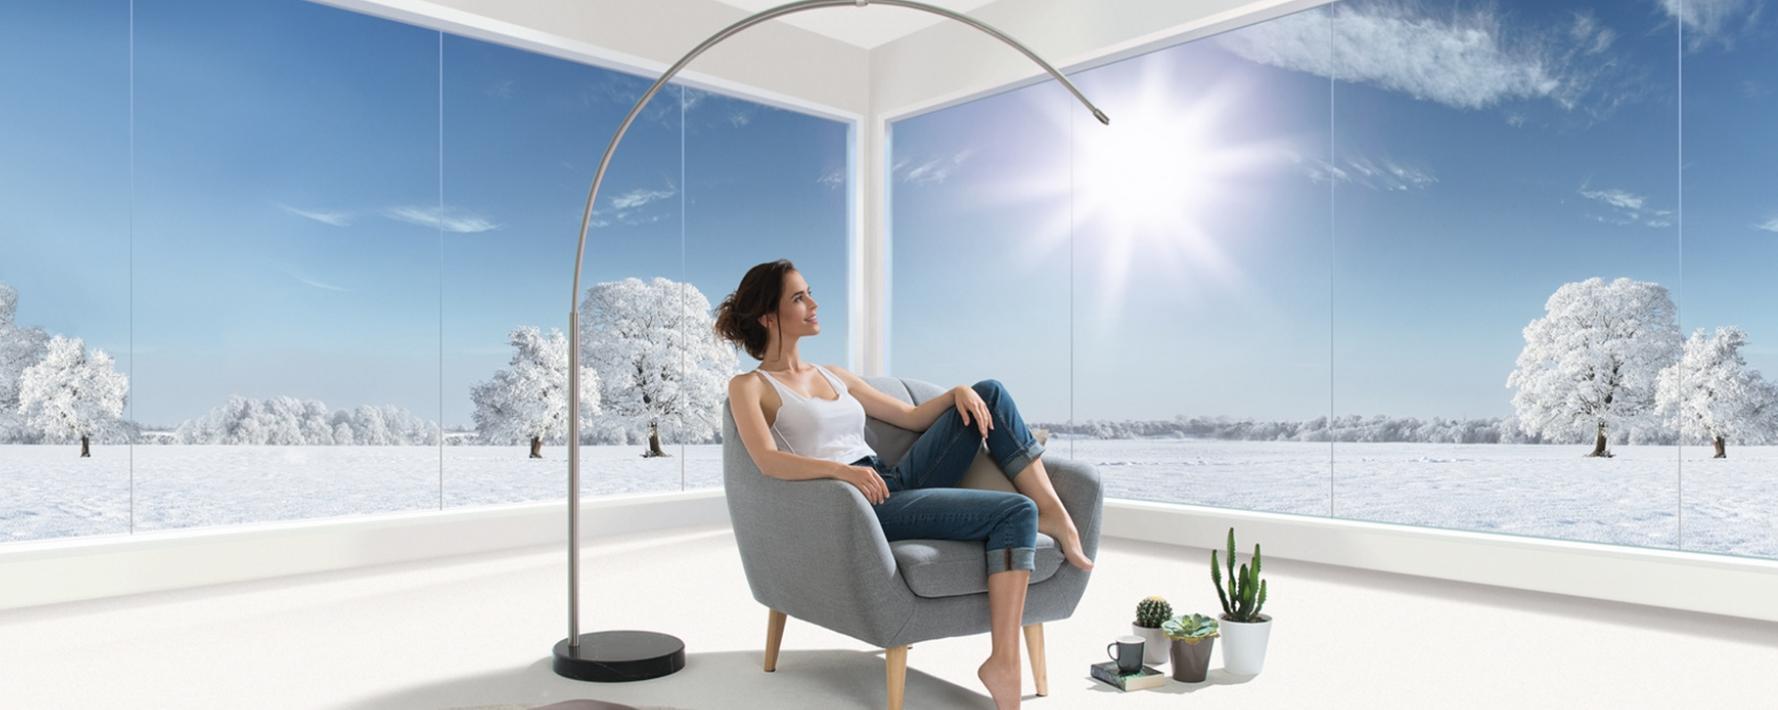 ECLAZ ONE : Bron van licht & welzijn | Saint-Gobain Building Glass